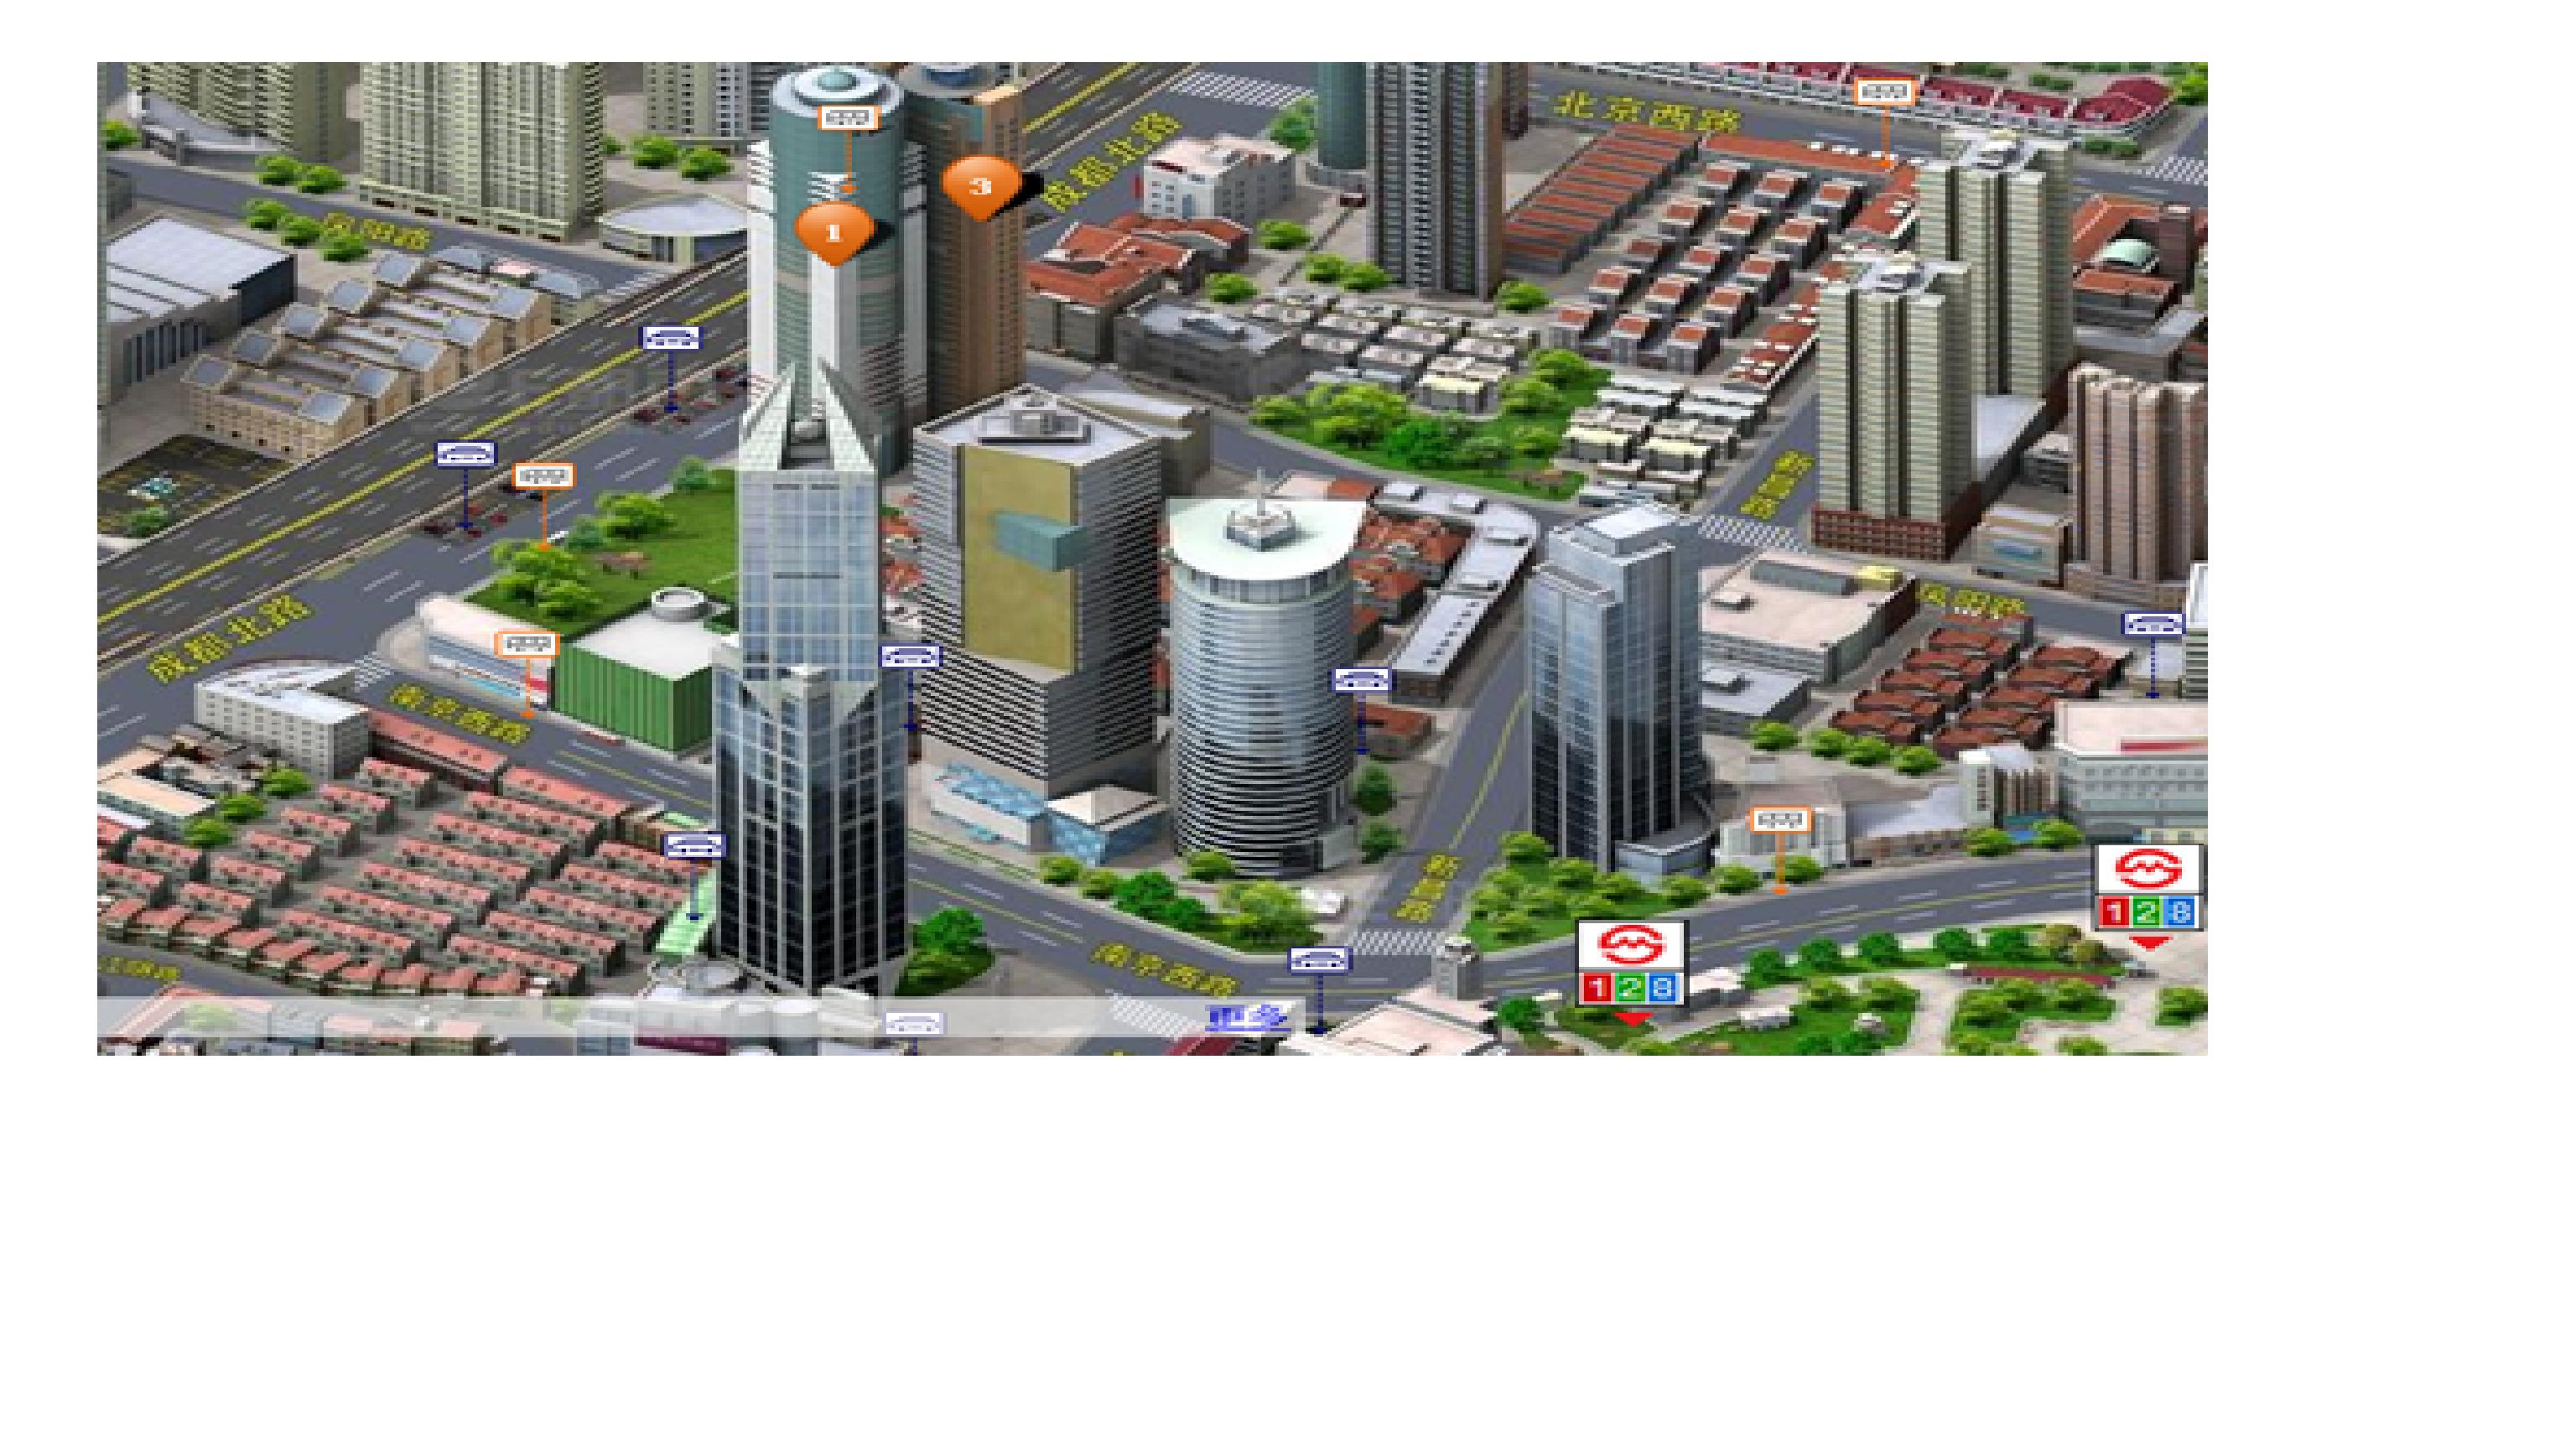 上海市三维地图